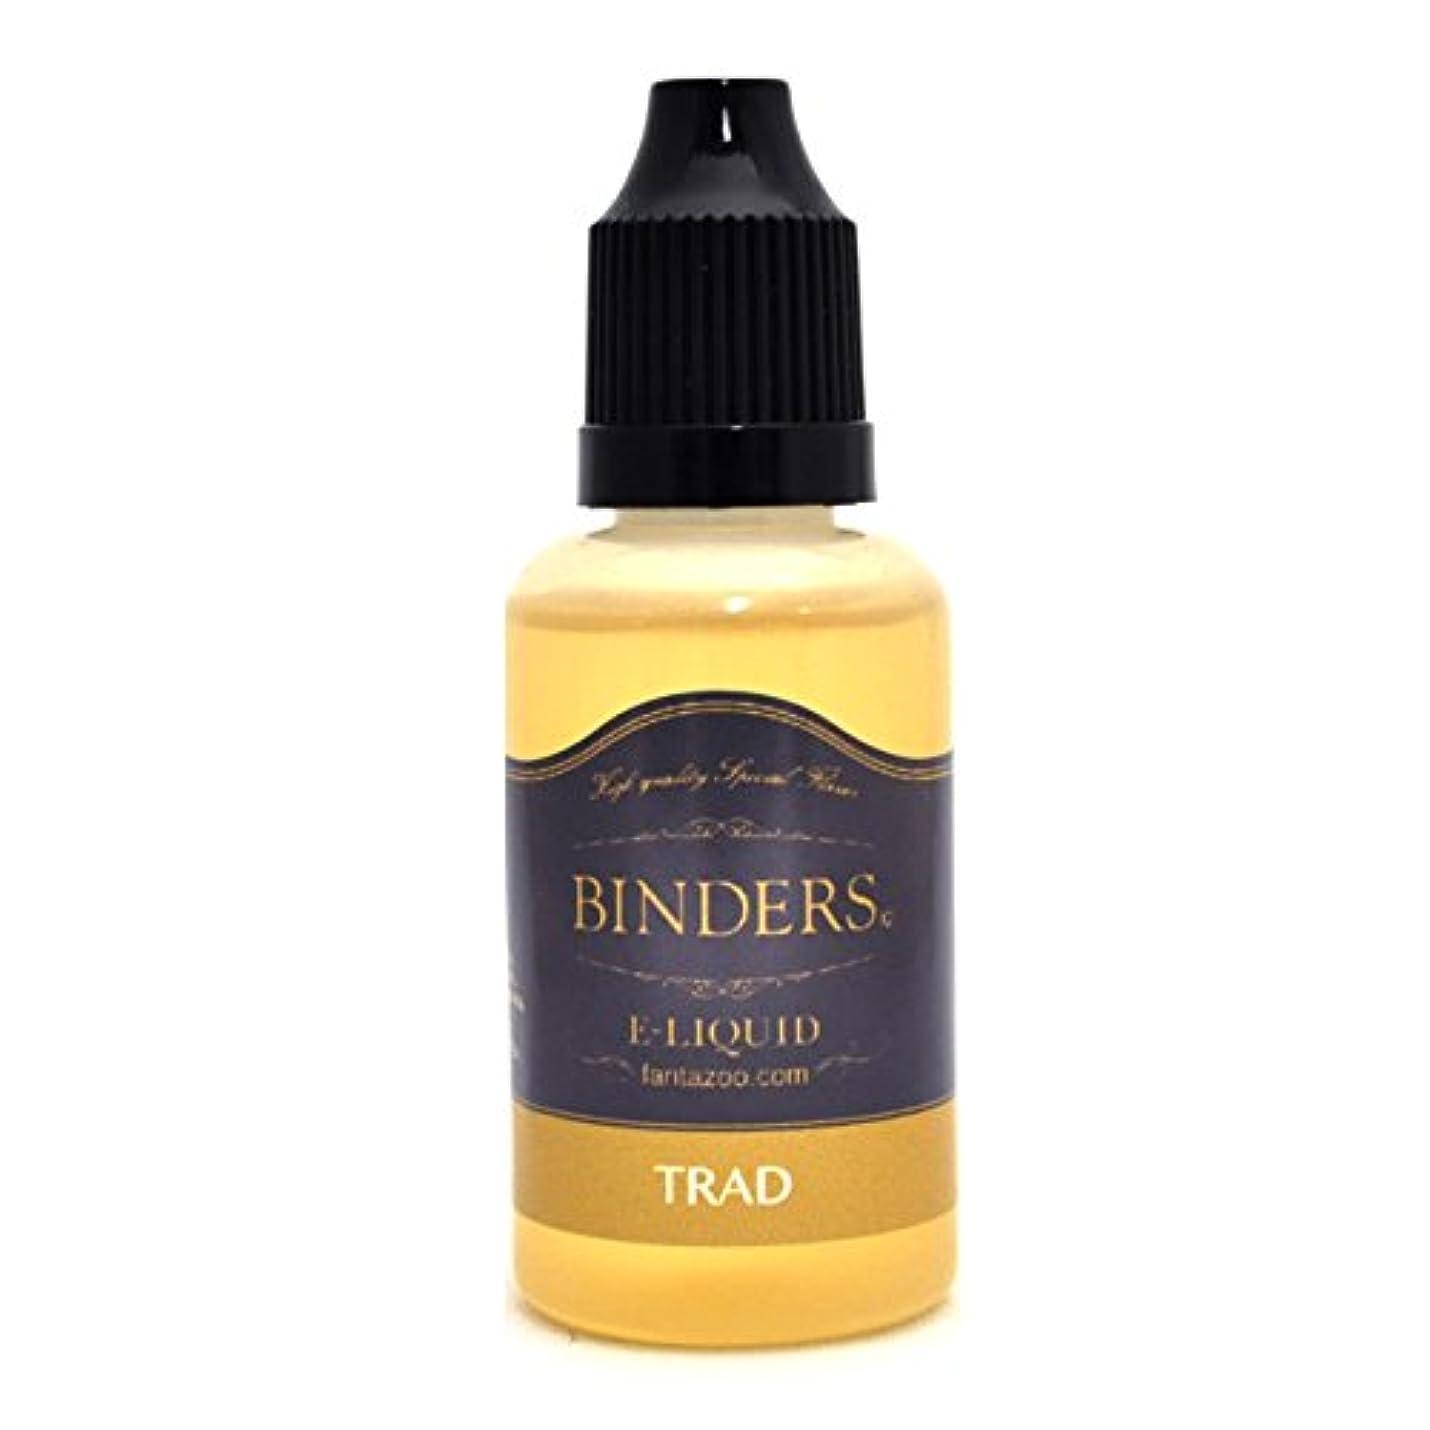 違法オアシス近くBINDERSビンダース 電子タバコ?VAPE用リキッド(国産) タバコ風味 トラッド 30ml